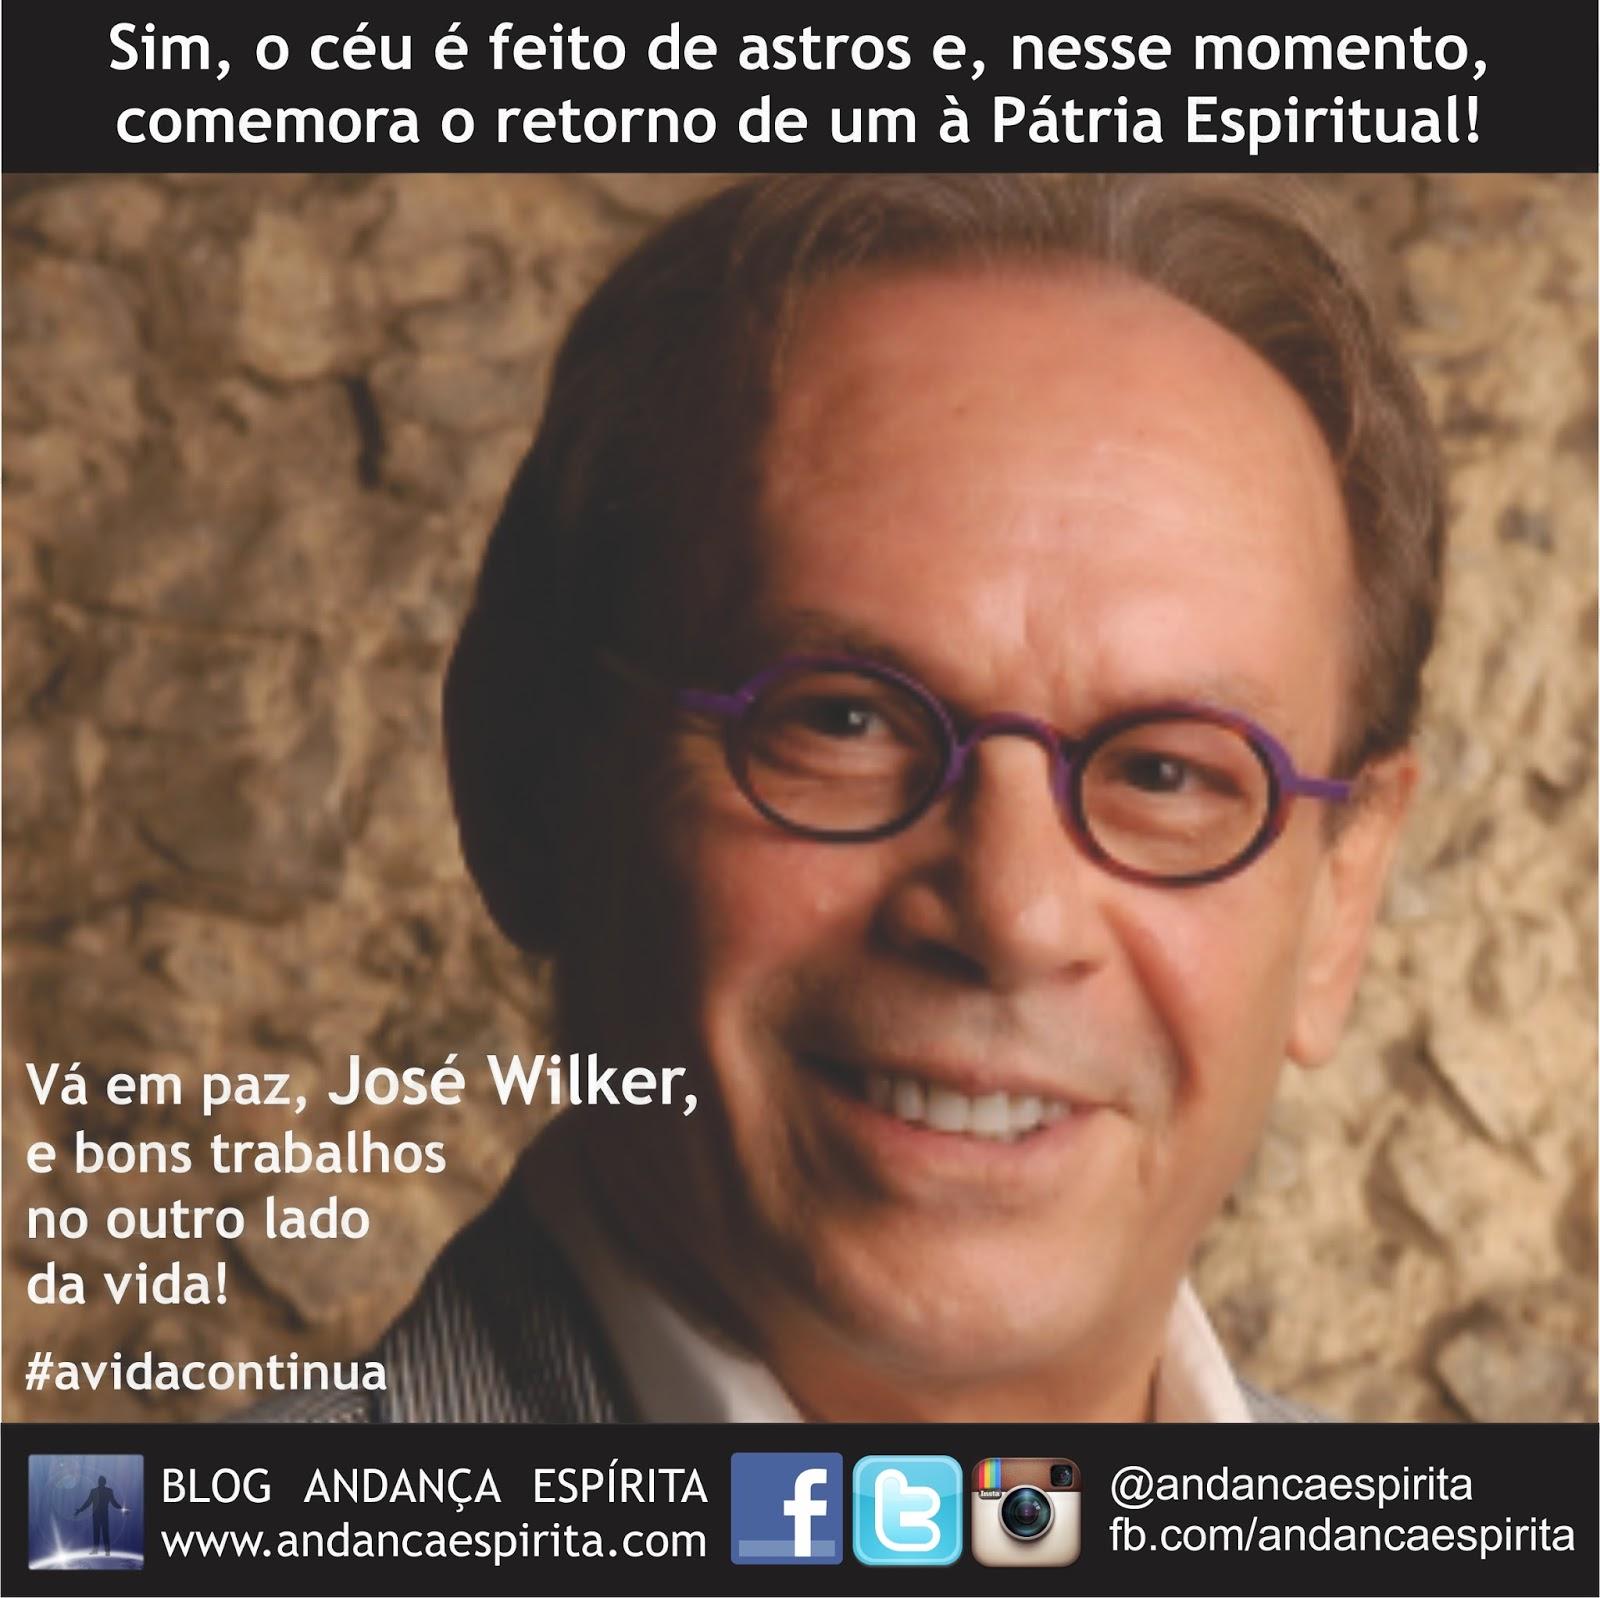 sim, o céu é feito de astros e, nesse momento, comemora o retorno de um à Pátria Espiritual! Vá em paz, José Wilker, e bons trabalhos no ouro lado da vida!